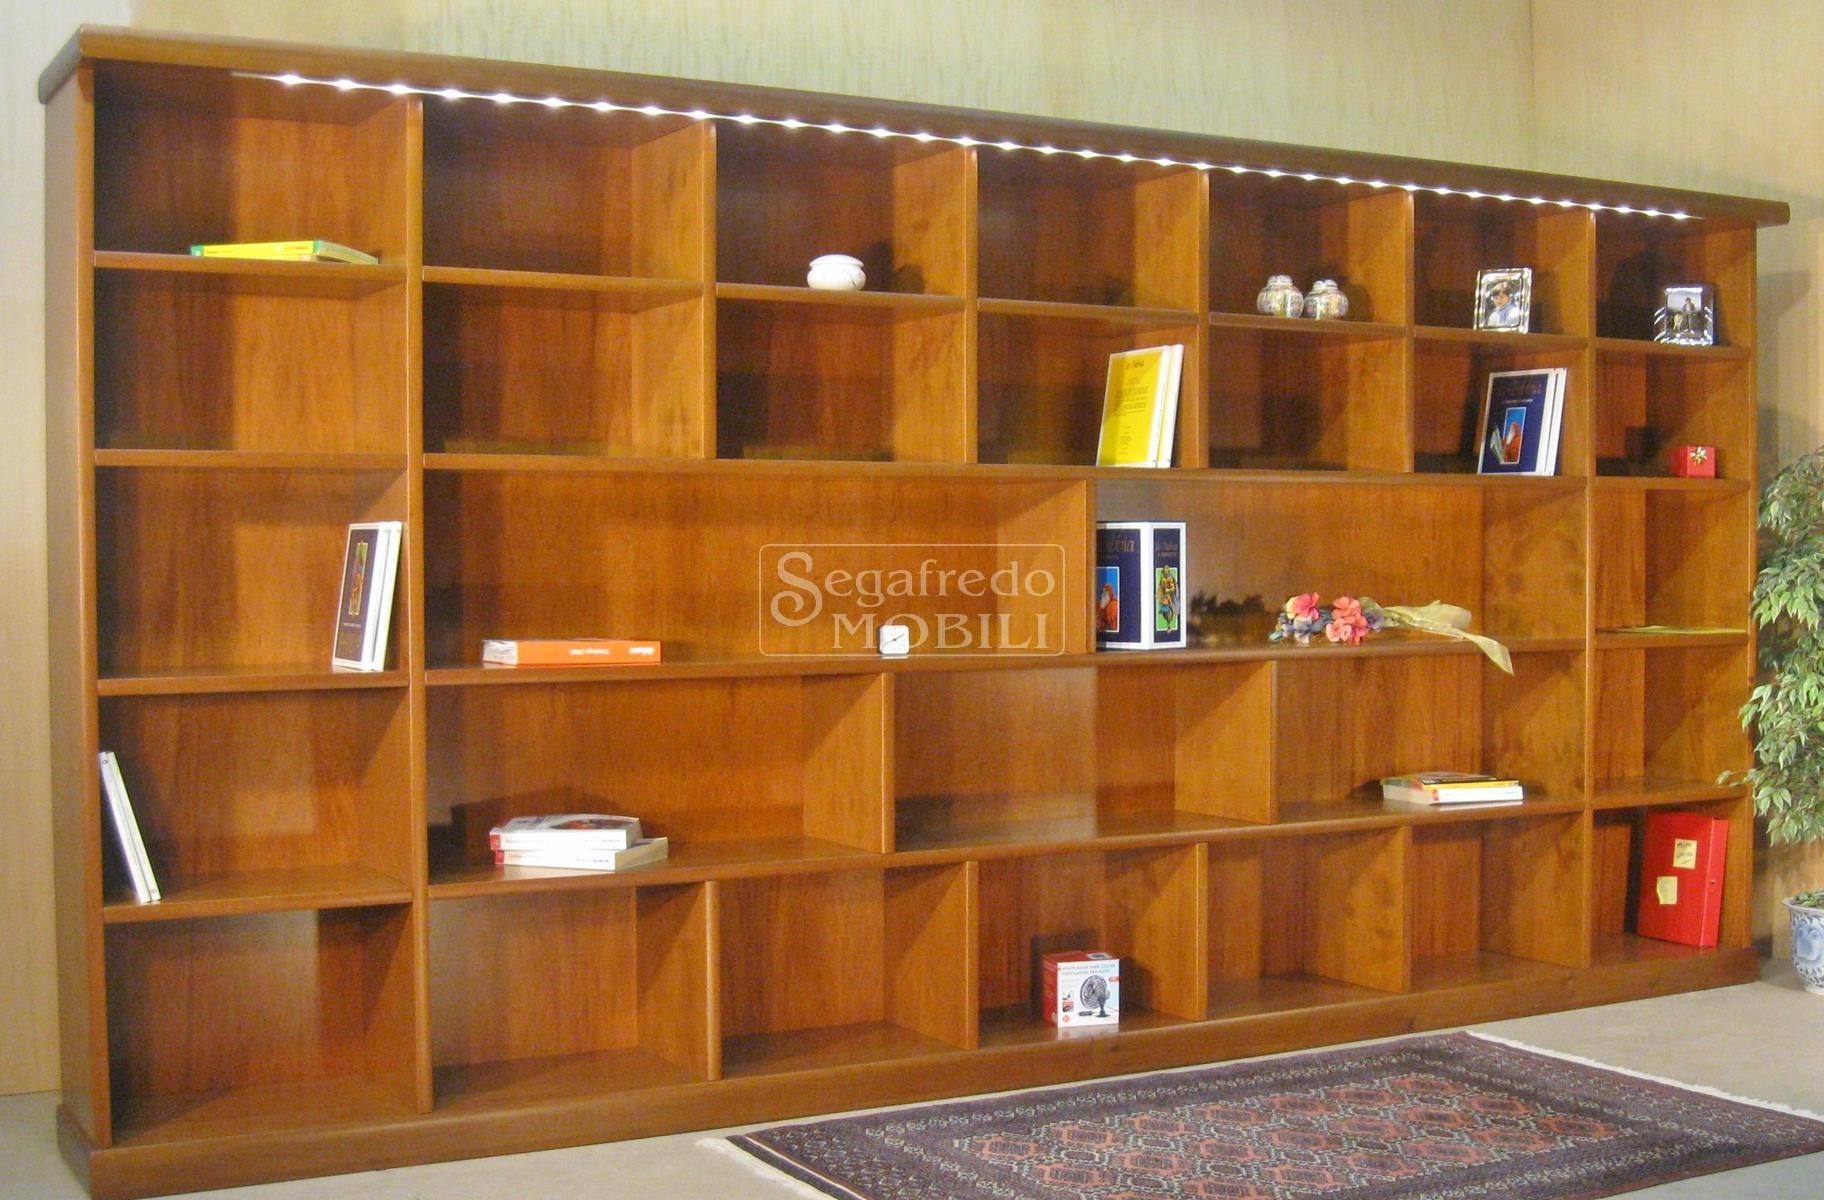 Mobile libreria parete su misura a giorno mobilificio segafredo mobili arredamenti su misura - Mobile libreria a parete ...